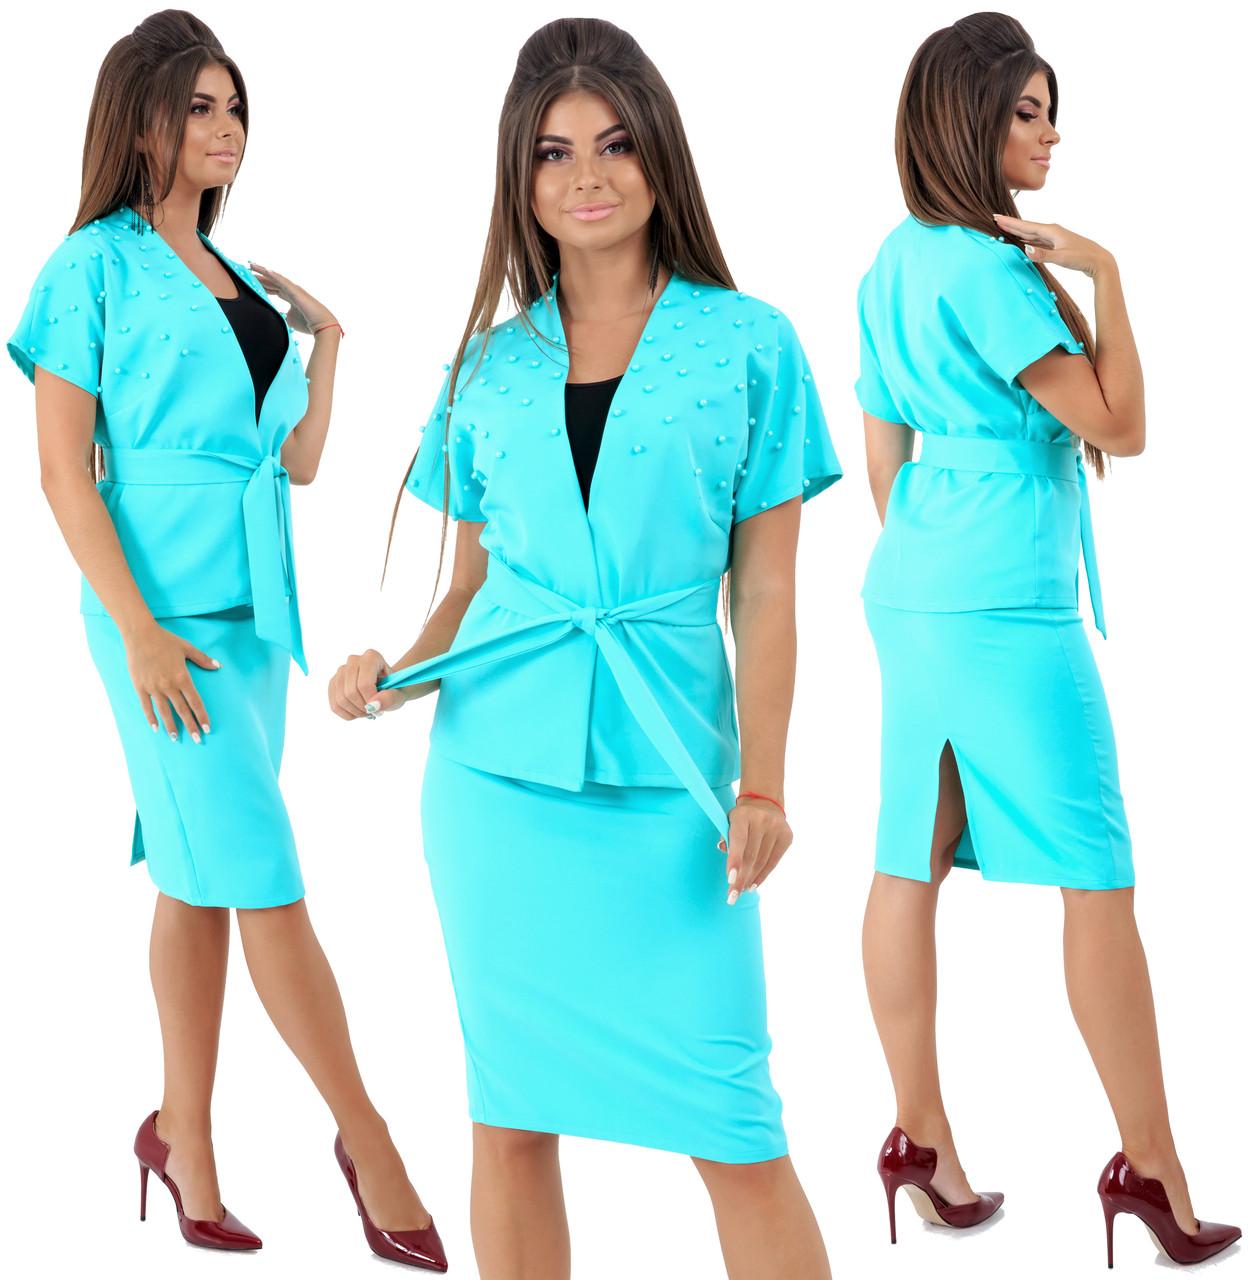 Комплект  пиджак на запах и юбка, декор бусинки/ 4 цвета  арт 6548-92